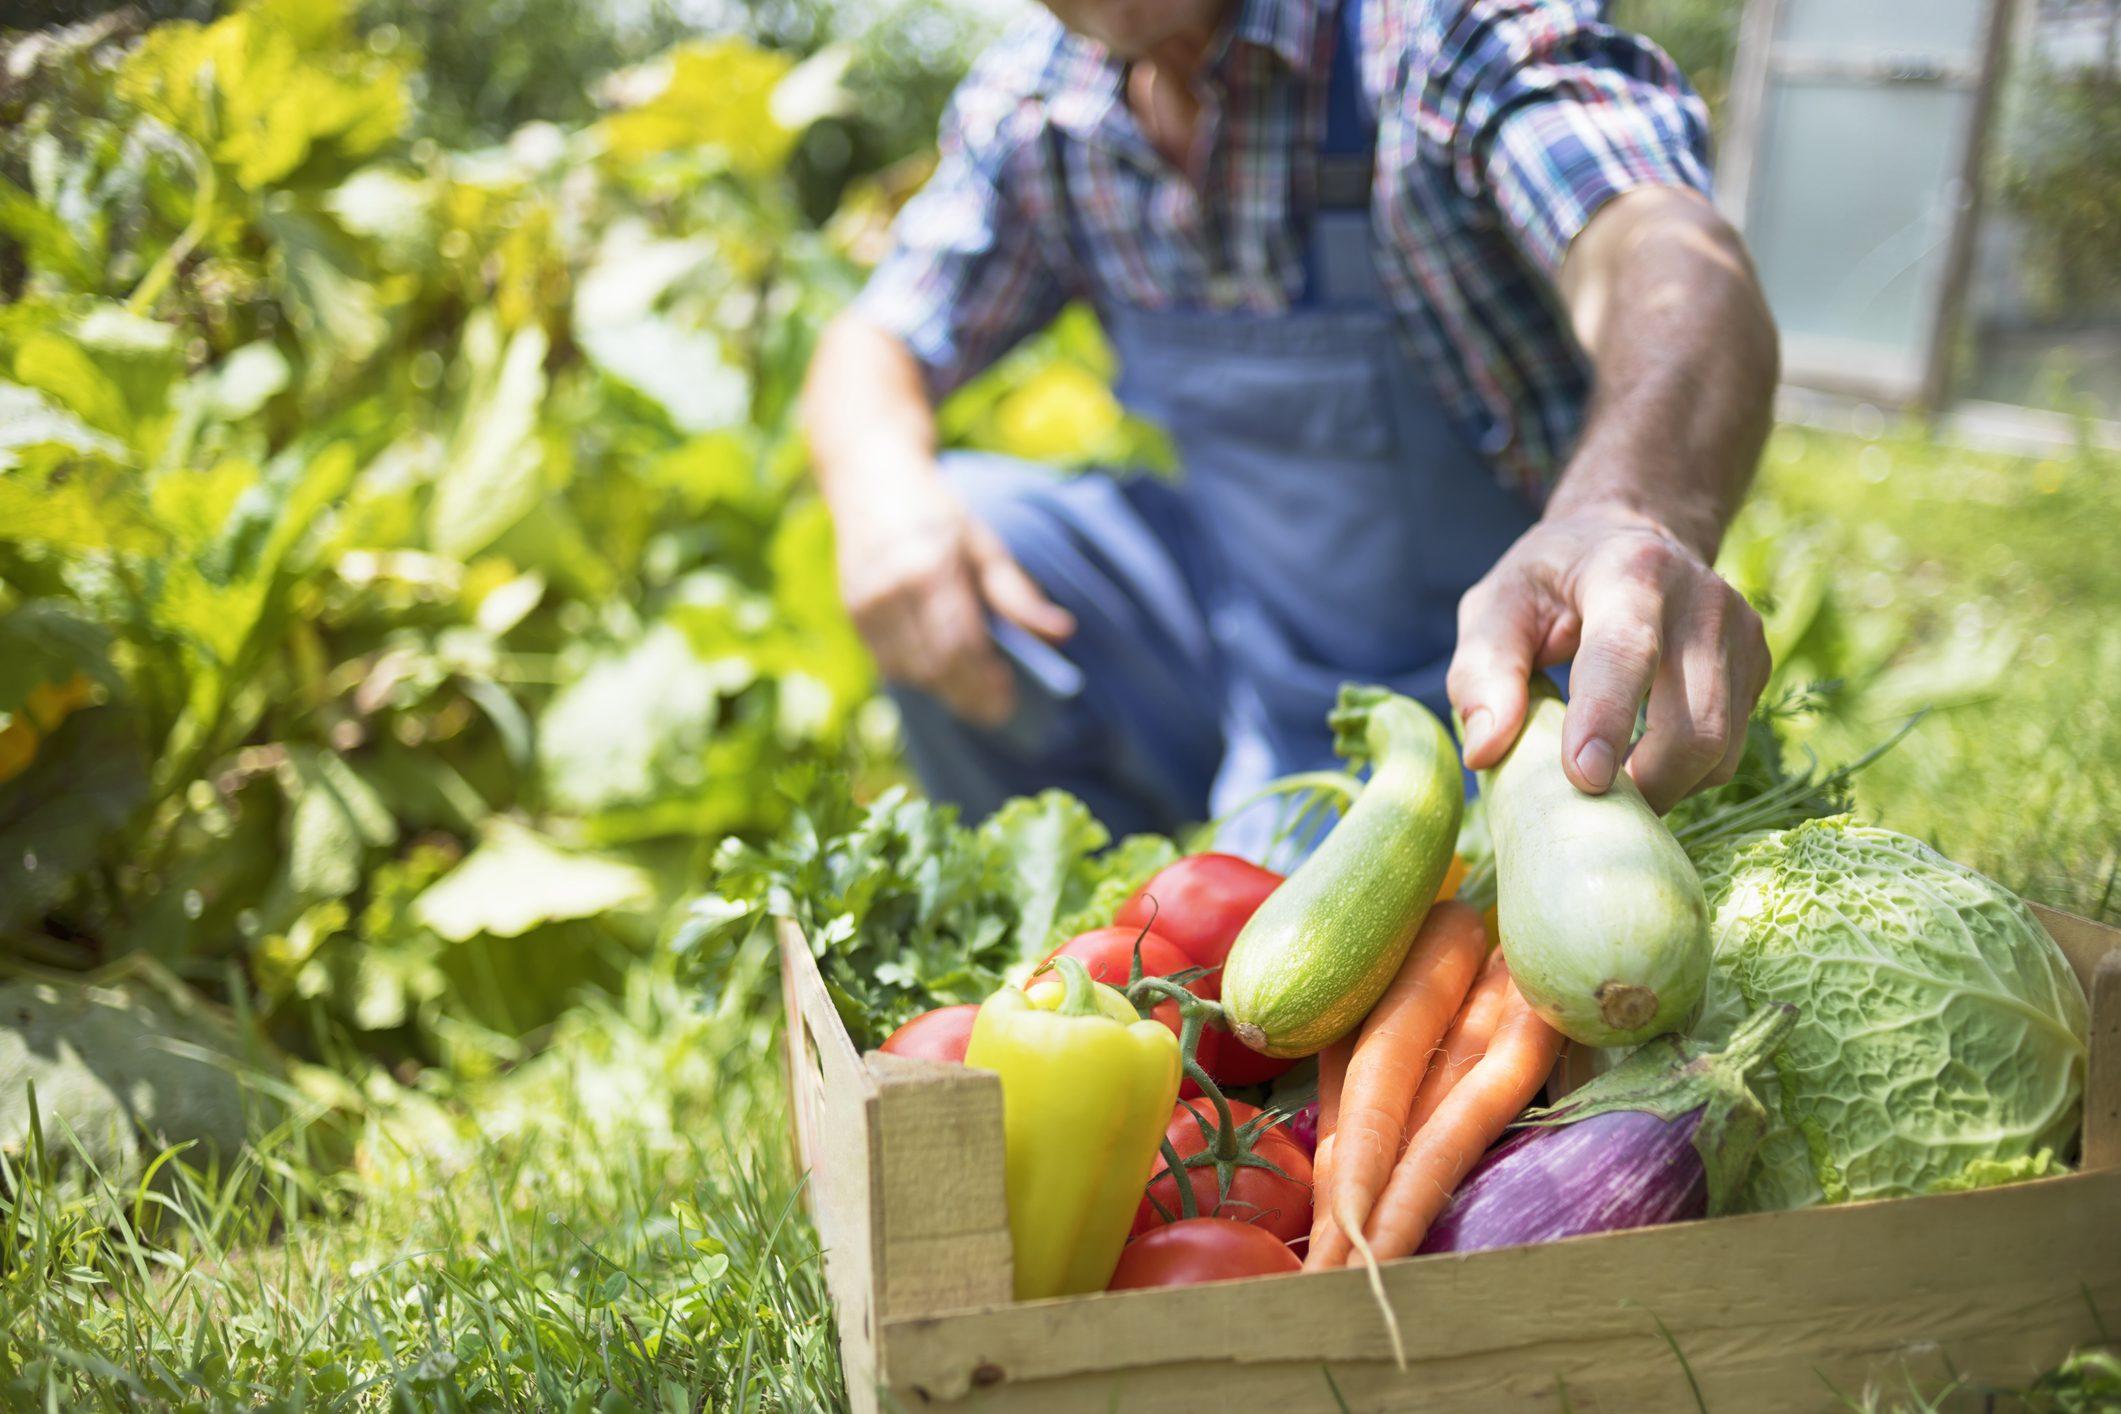 Fiori Da Piantare Nell Orto orto in casa in primavera: cosa piantare mese per mese | ohga!